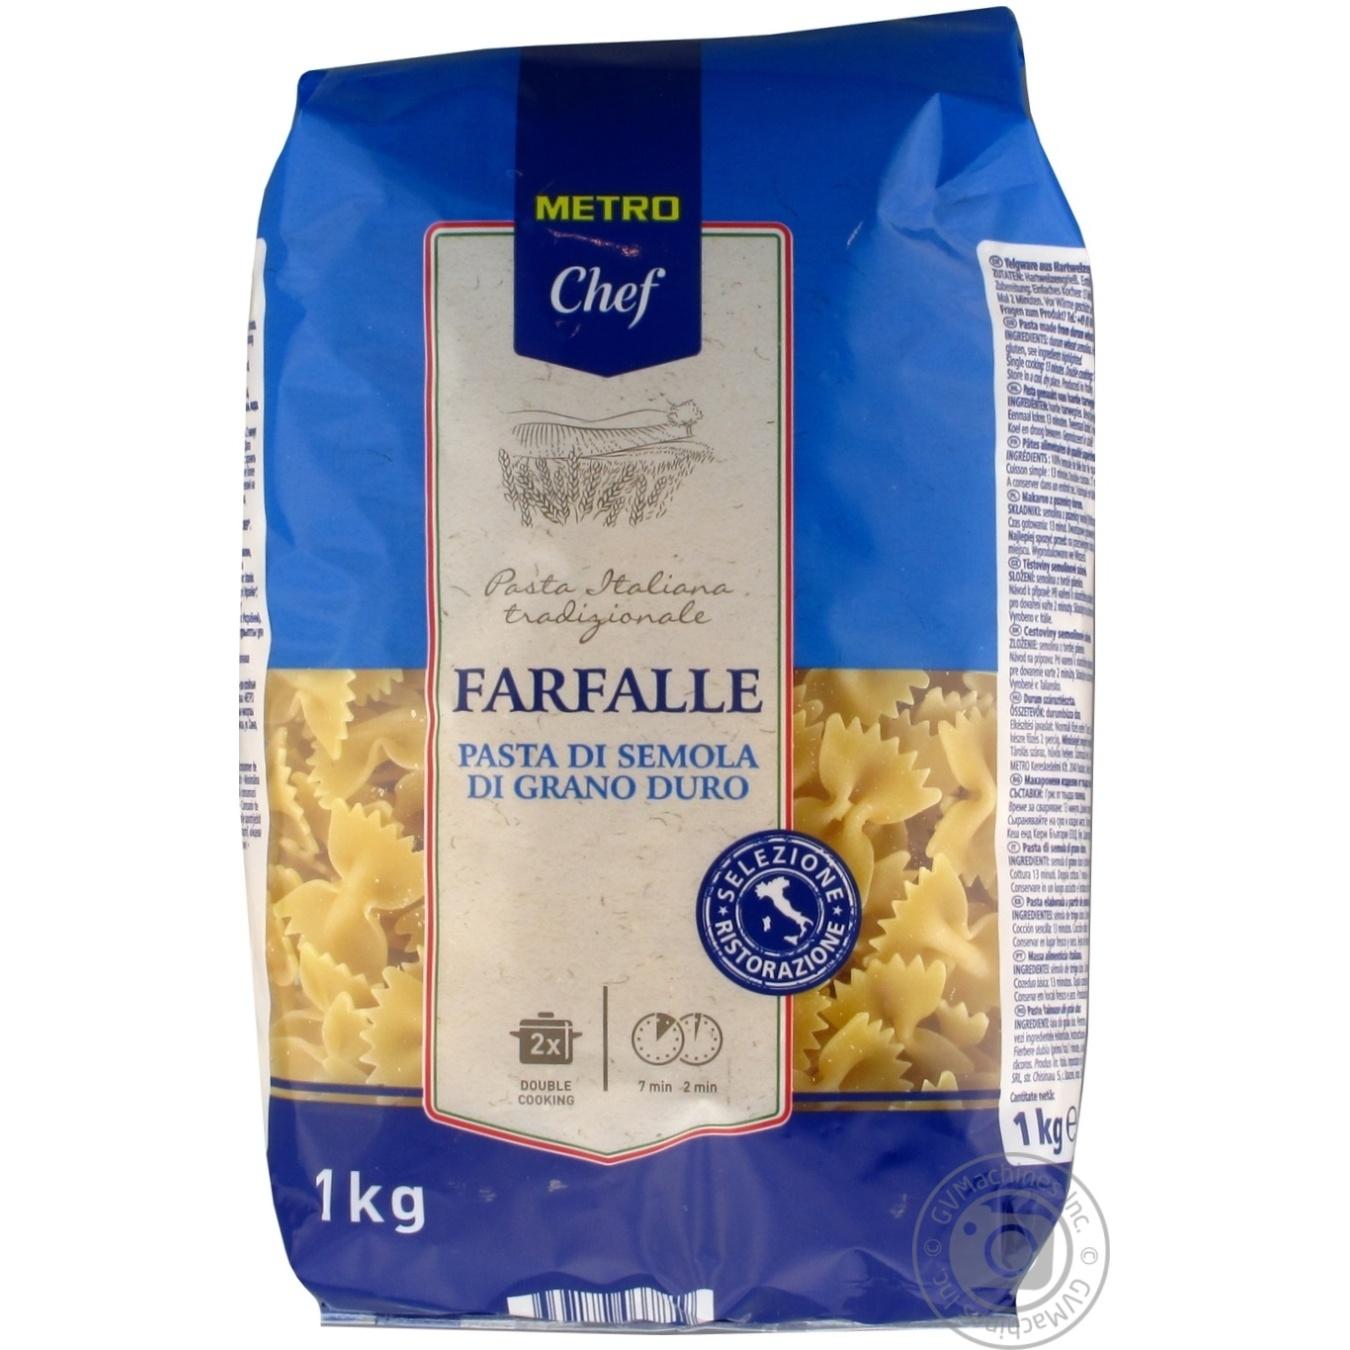 Купить Макарони, Макаронні вироби Metro Chef Фарфалле з твердих сортів пшениці 1кг